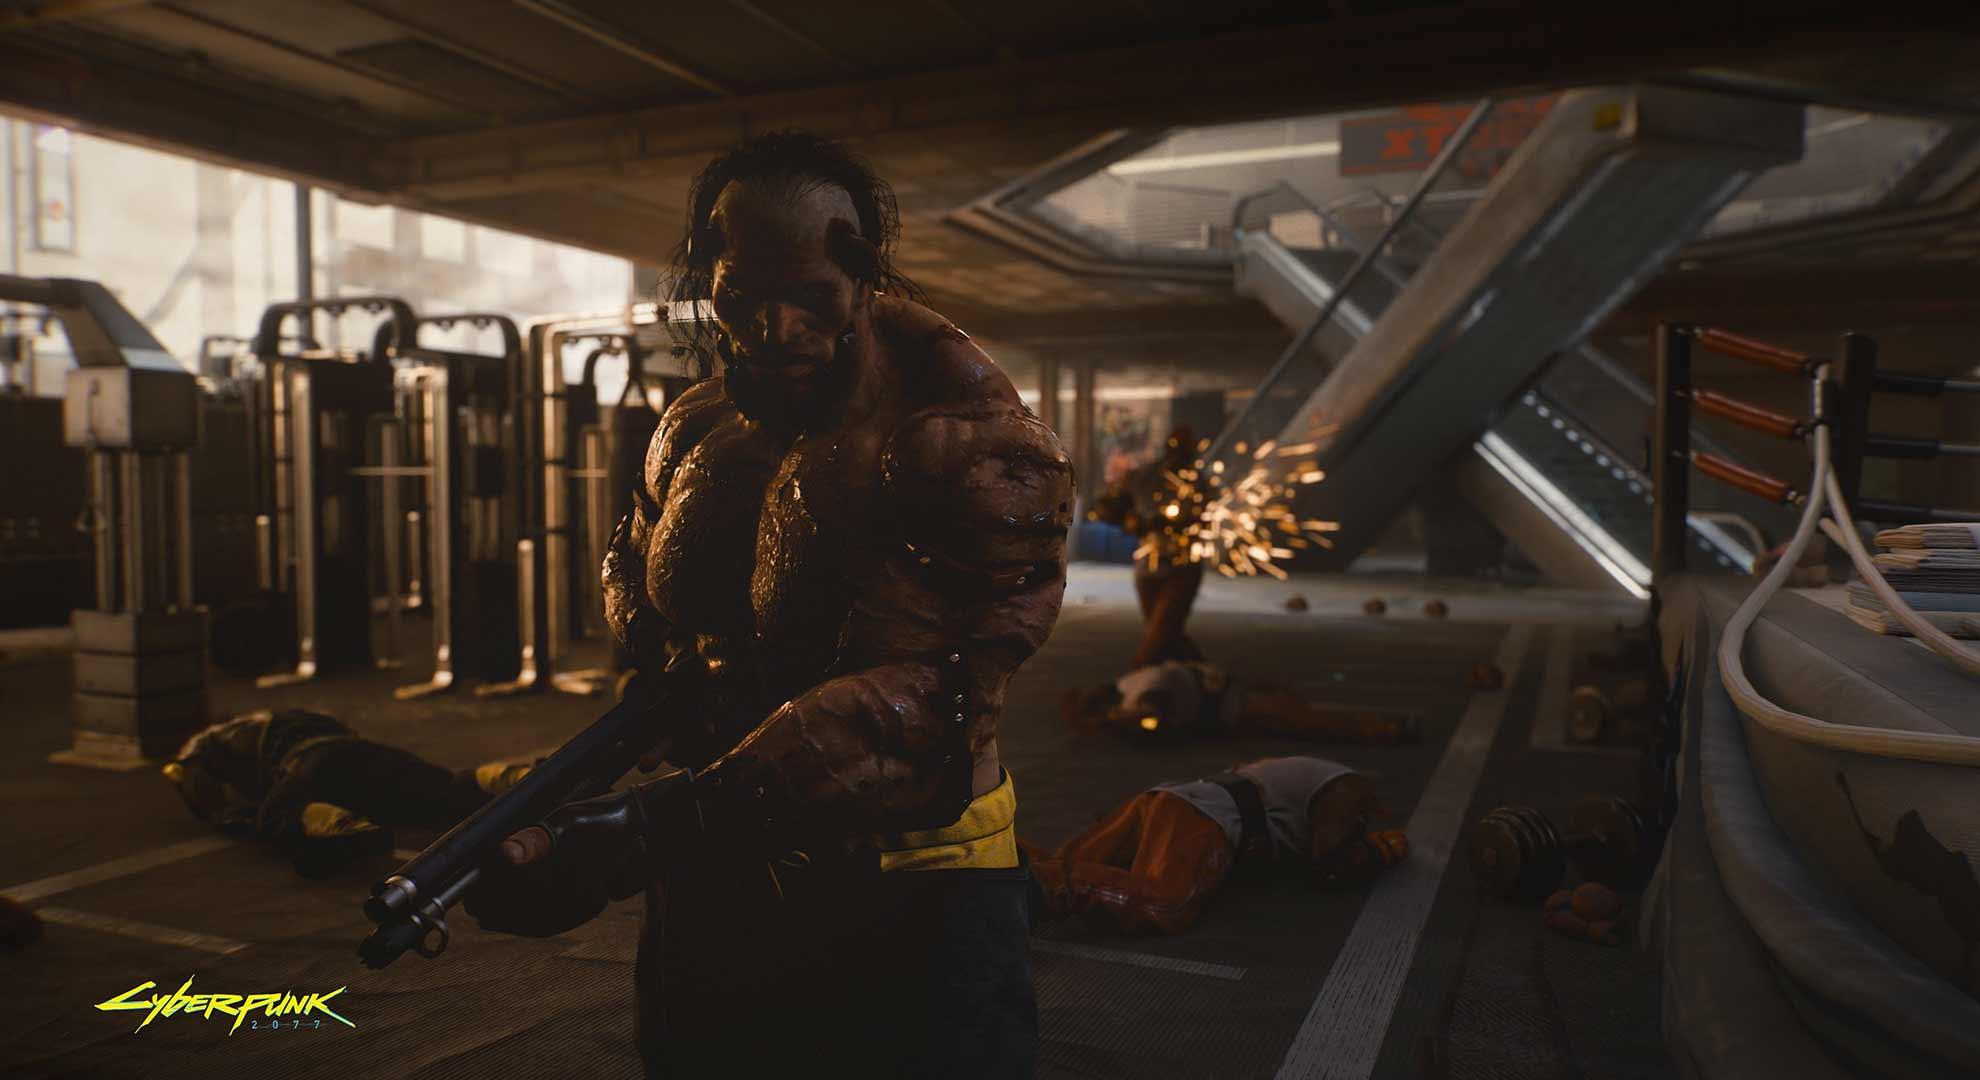 Cyberpunk 2077 weight lifter